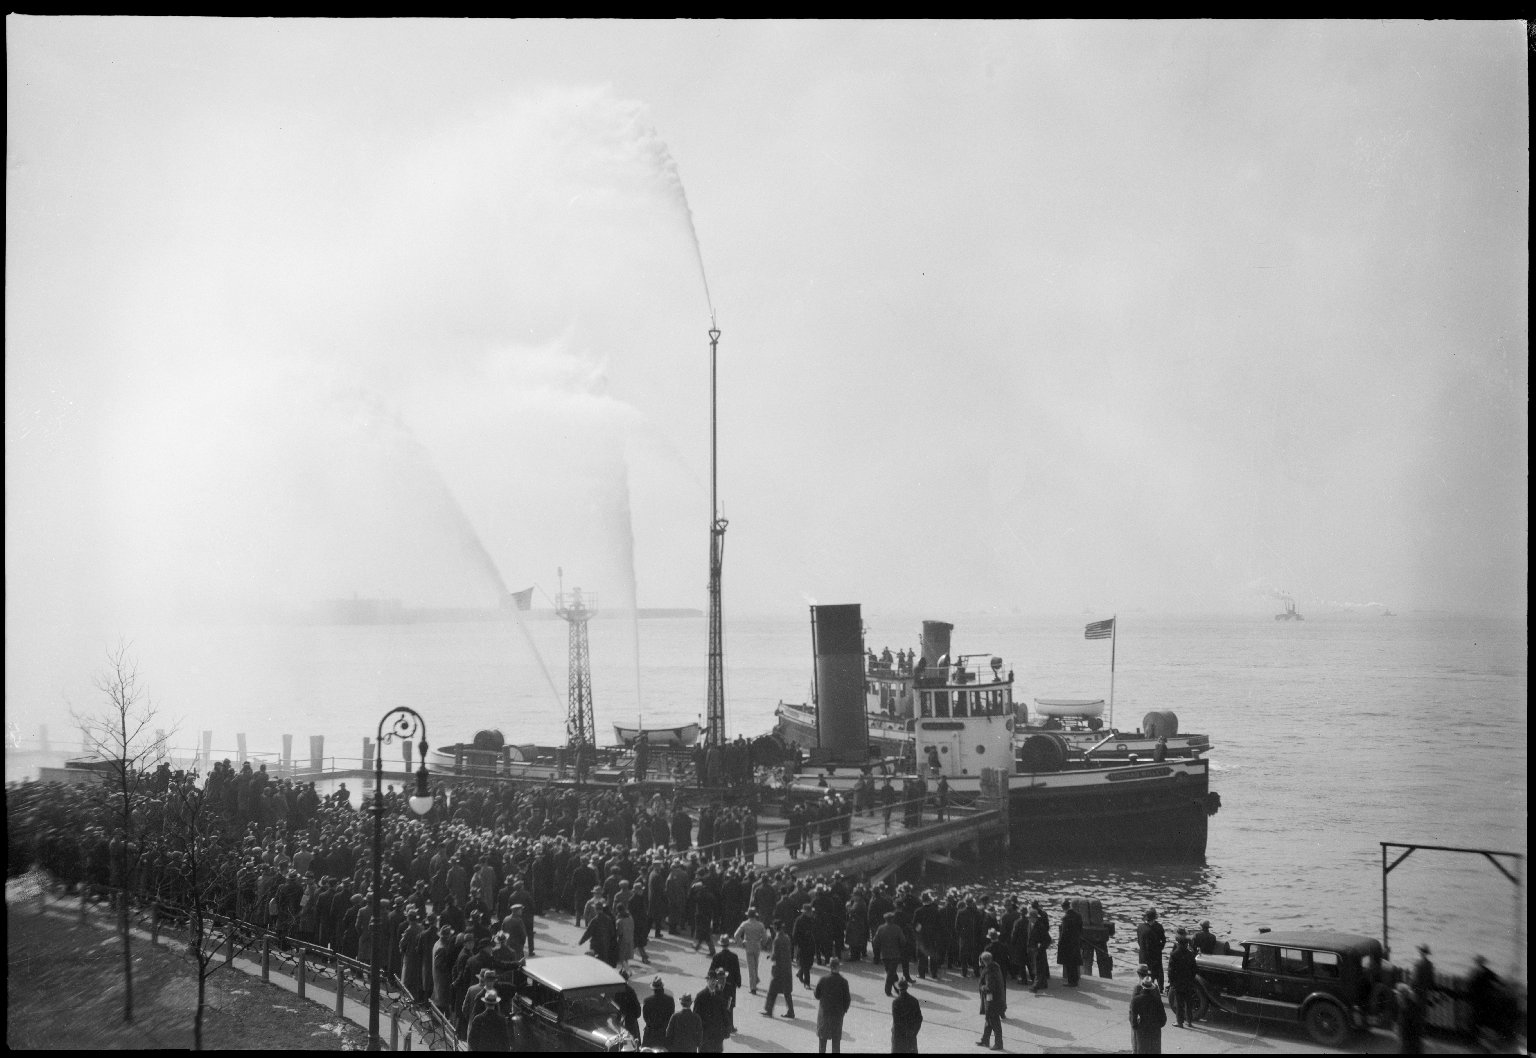 Испытания водяной башни на пожарном катере. Нью-Йорк, США. 1929 год